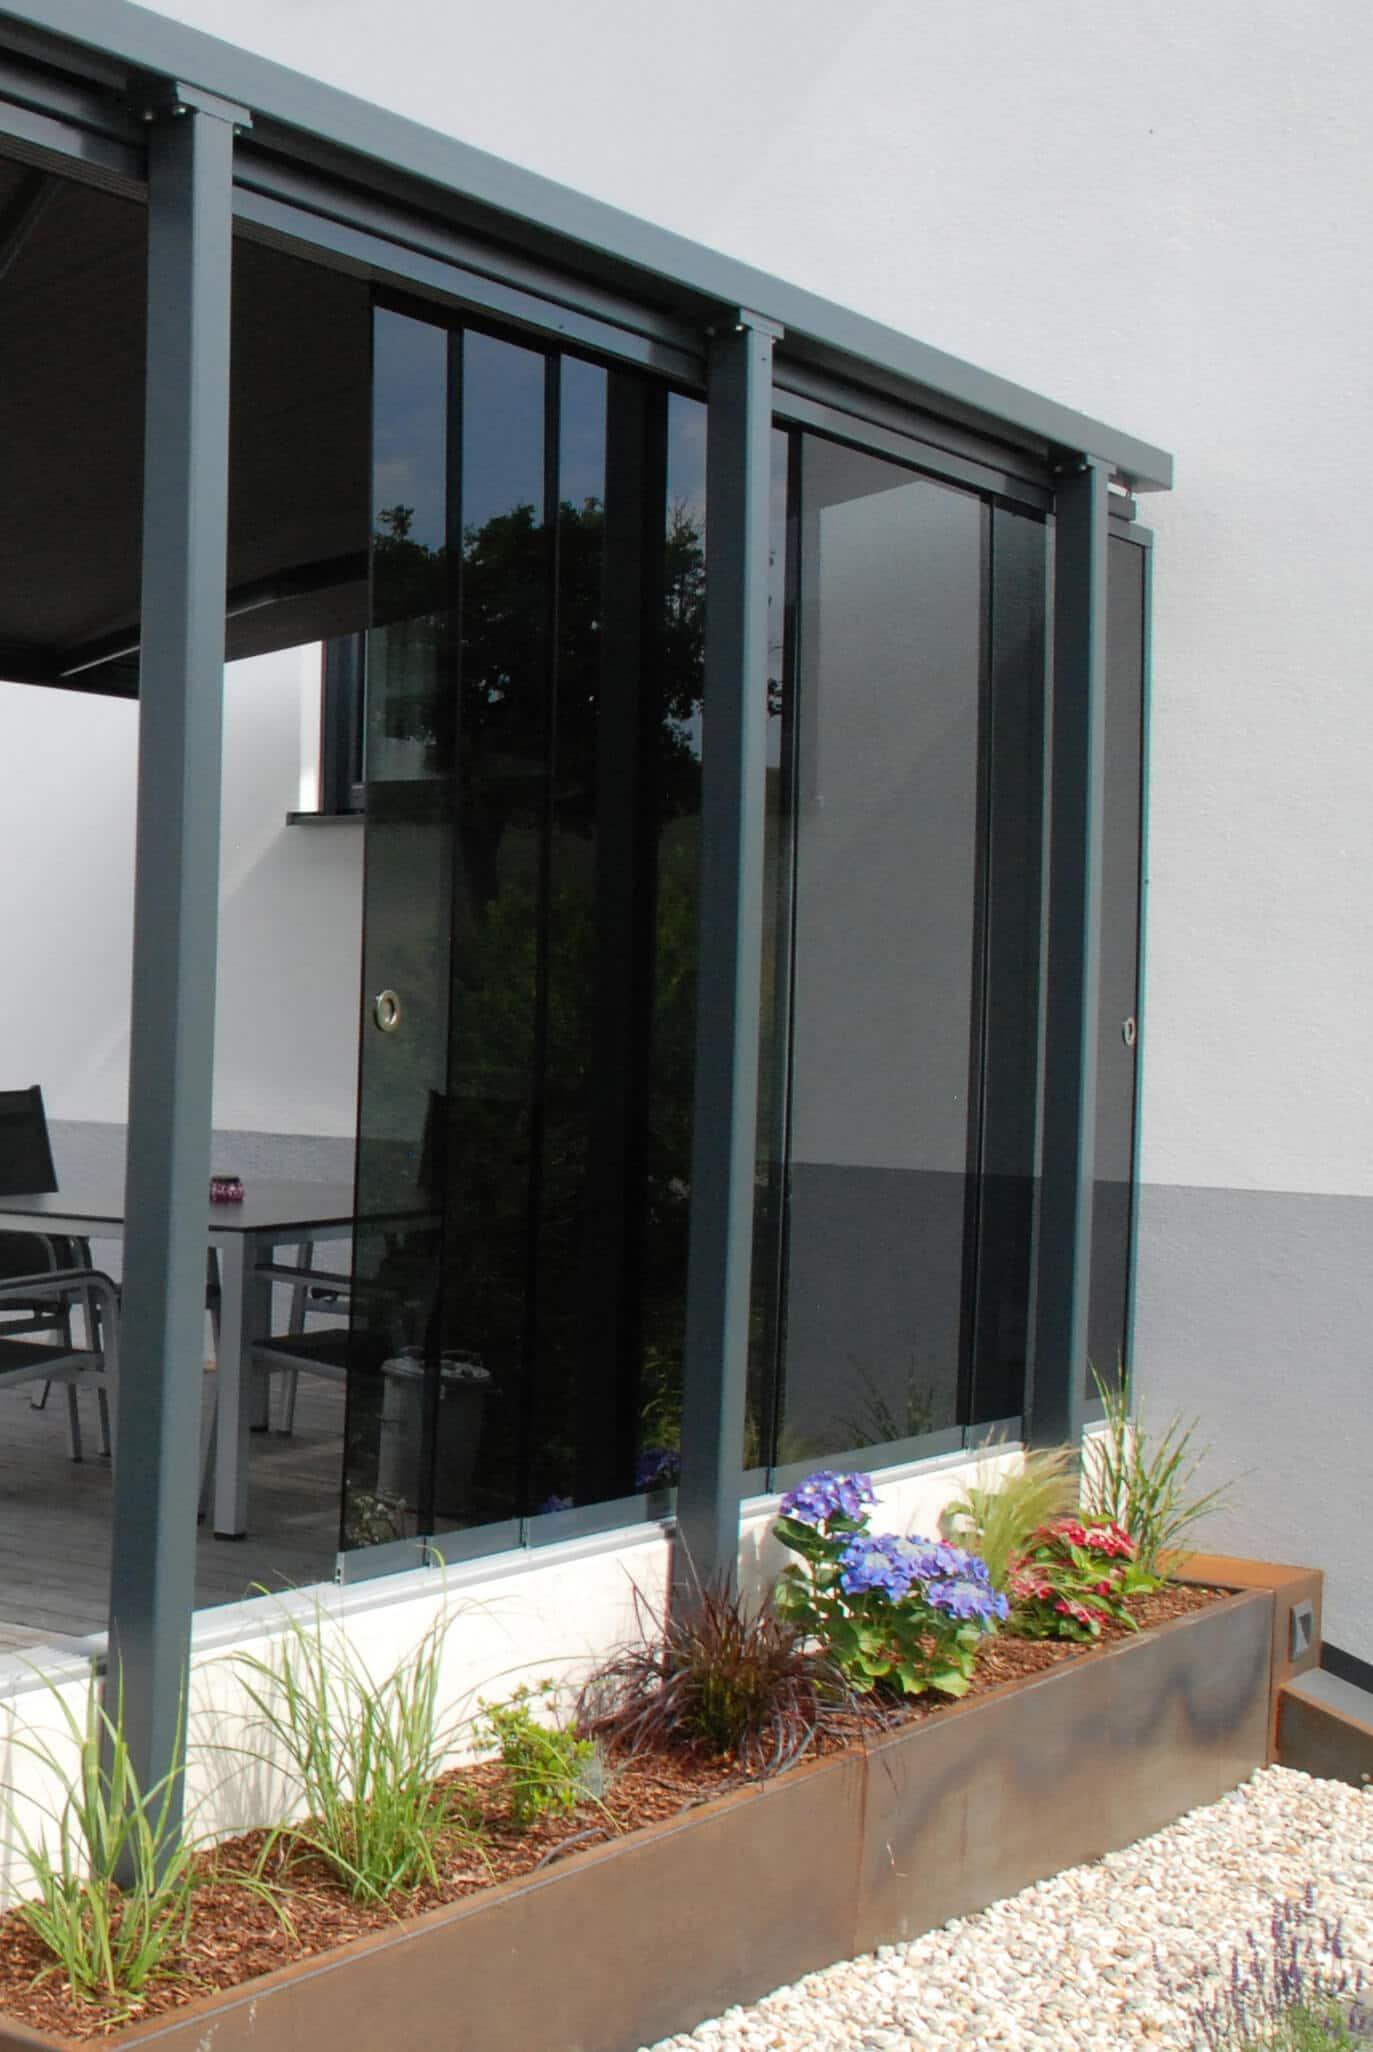 Windschutz von Schmidinger auf Terrasse mit Sonnenschutz